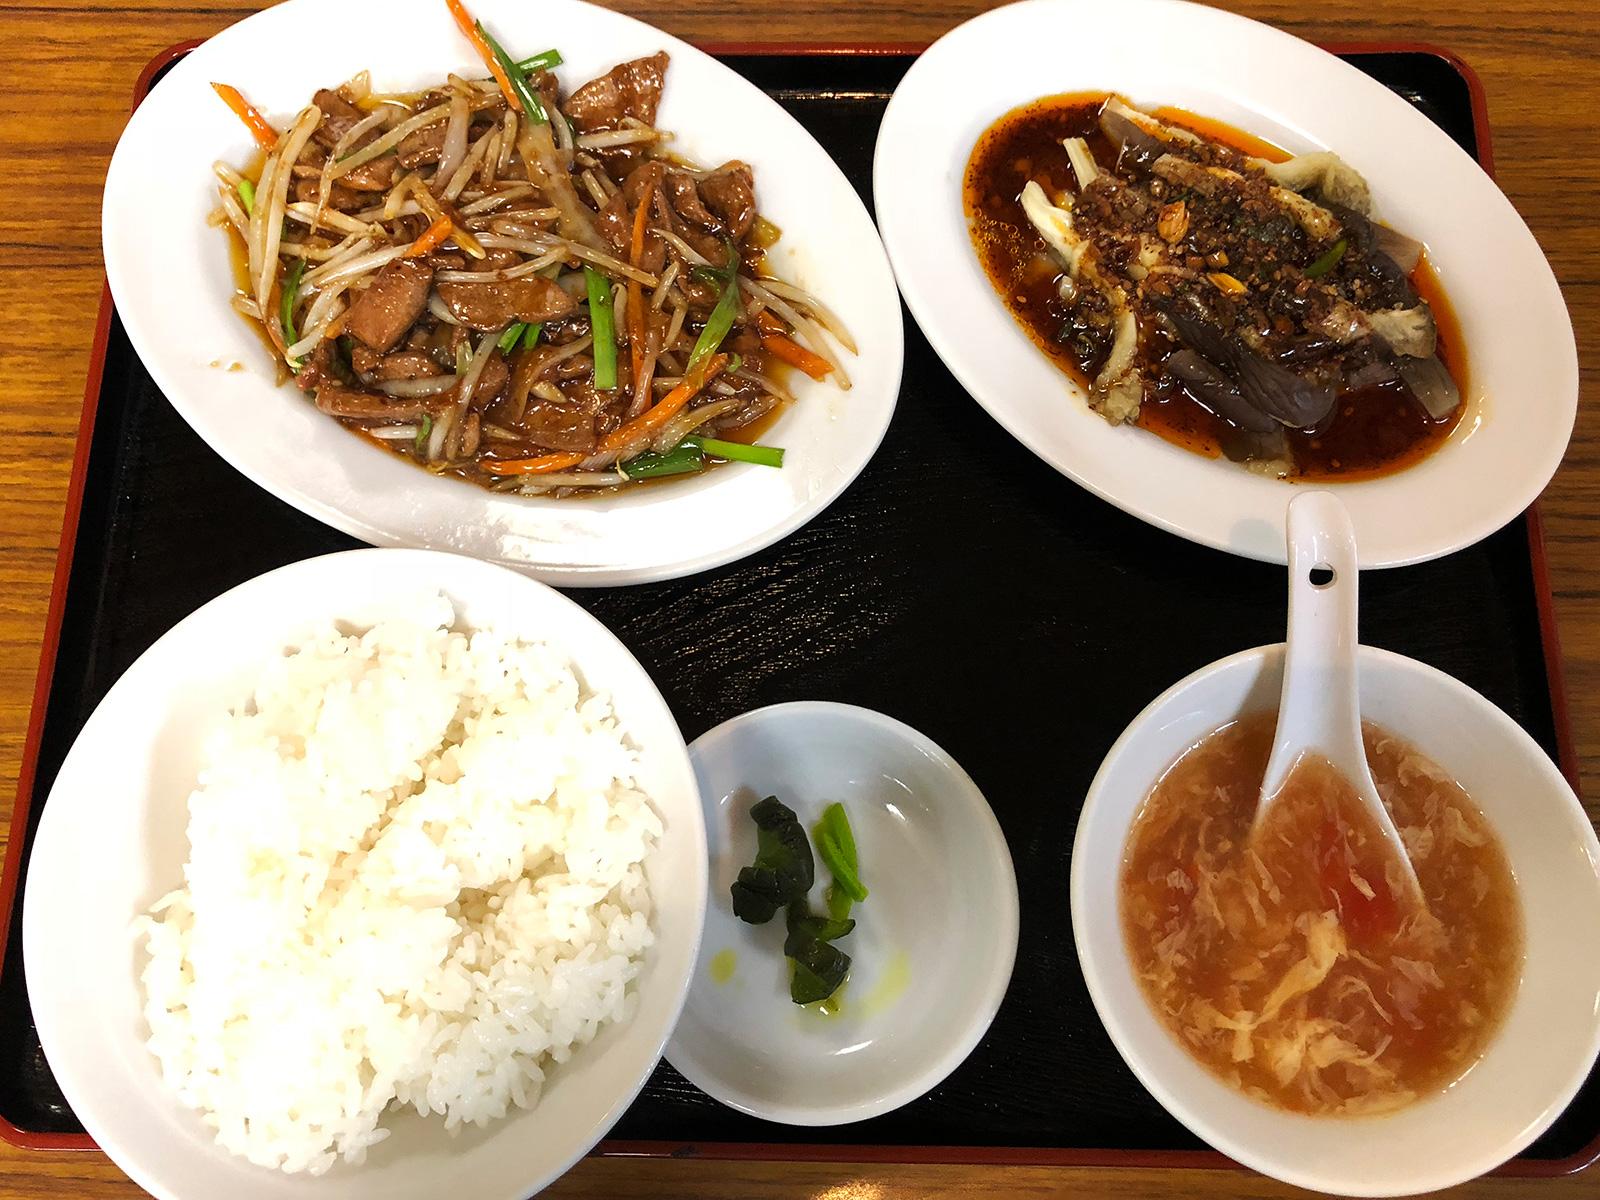 「台湾料理 小台北」のニラレバ炒めと蒸し茄子のランチ @上小田井